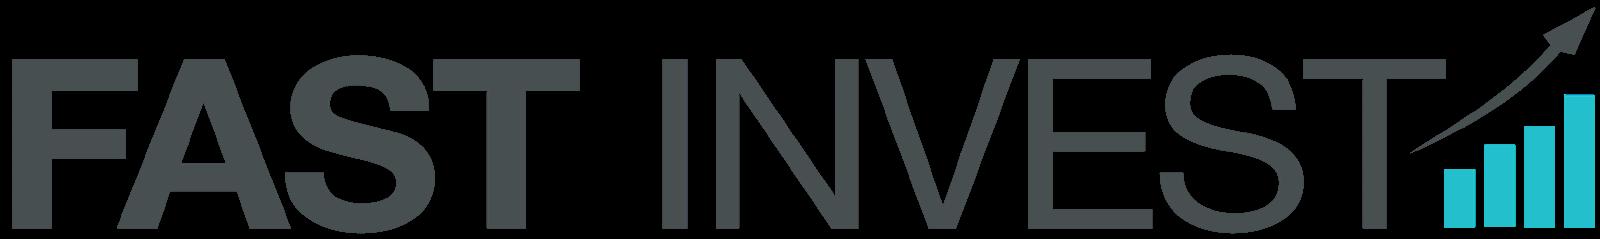 fastinvest logo osobnizkusenosti.cz